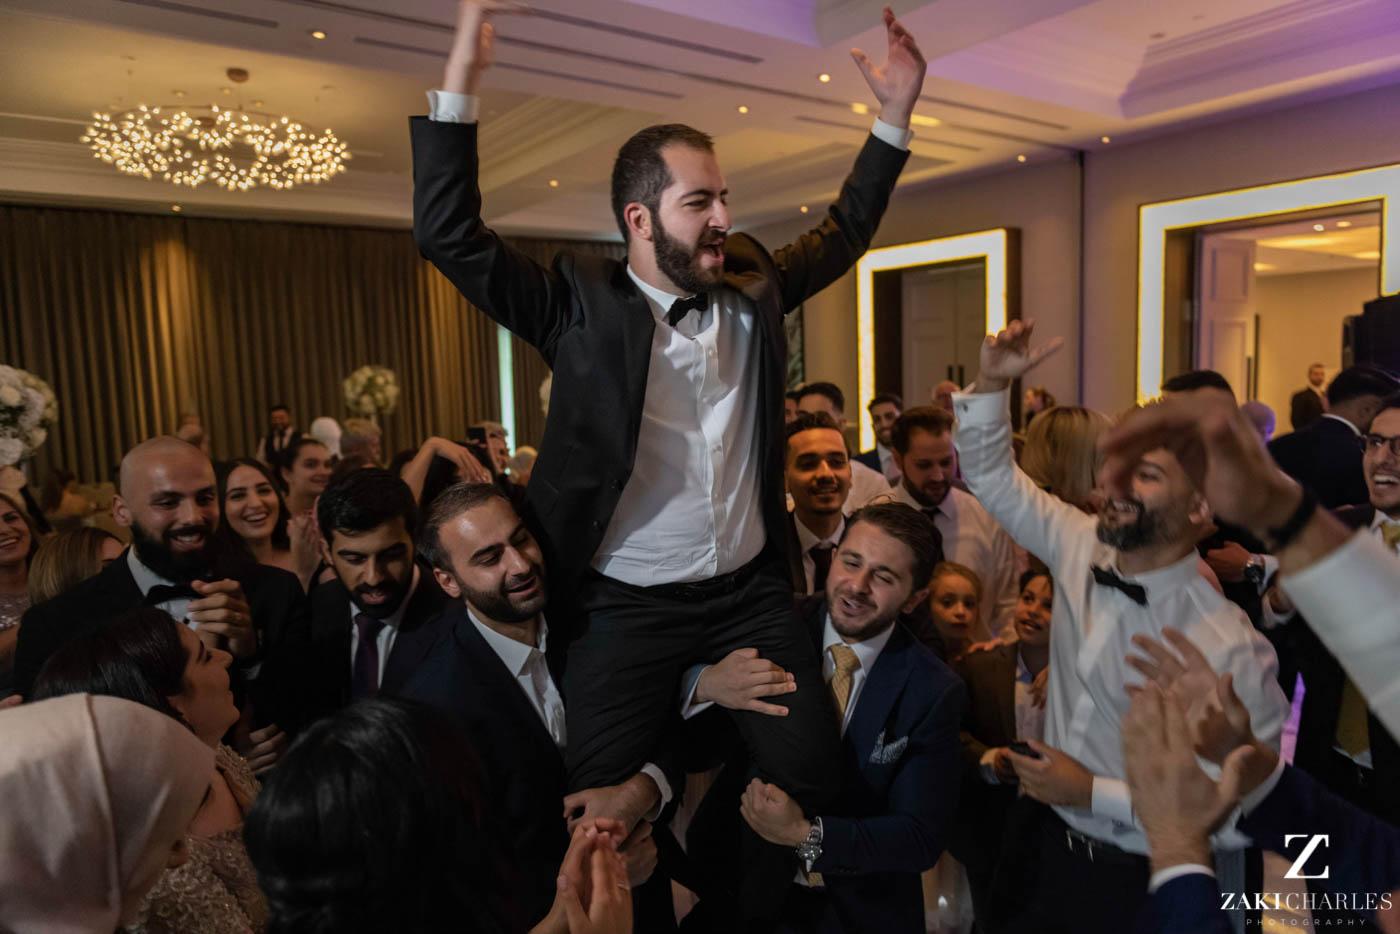 Guests dancing at Marriott Hotel Regents Park Wedding Venue 9